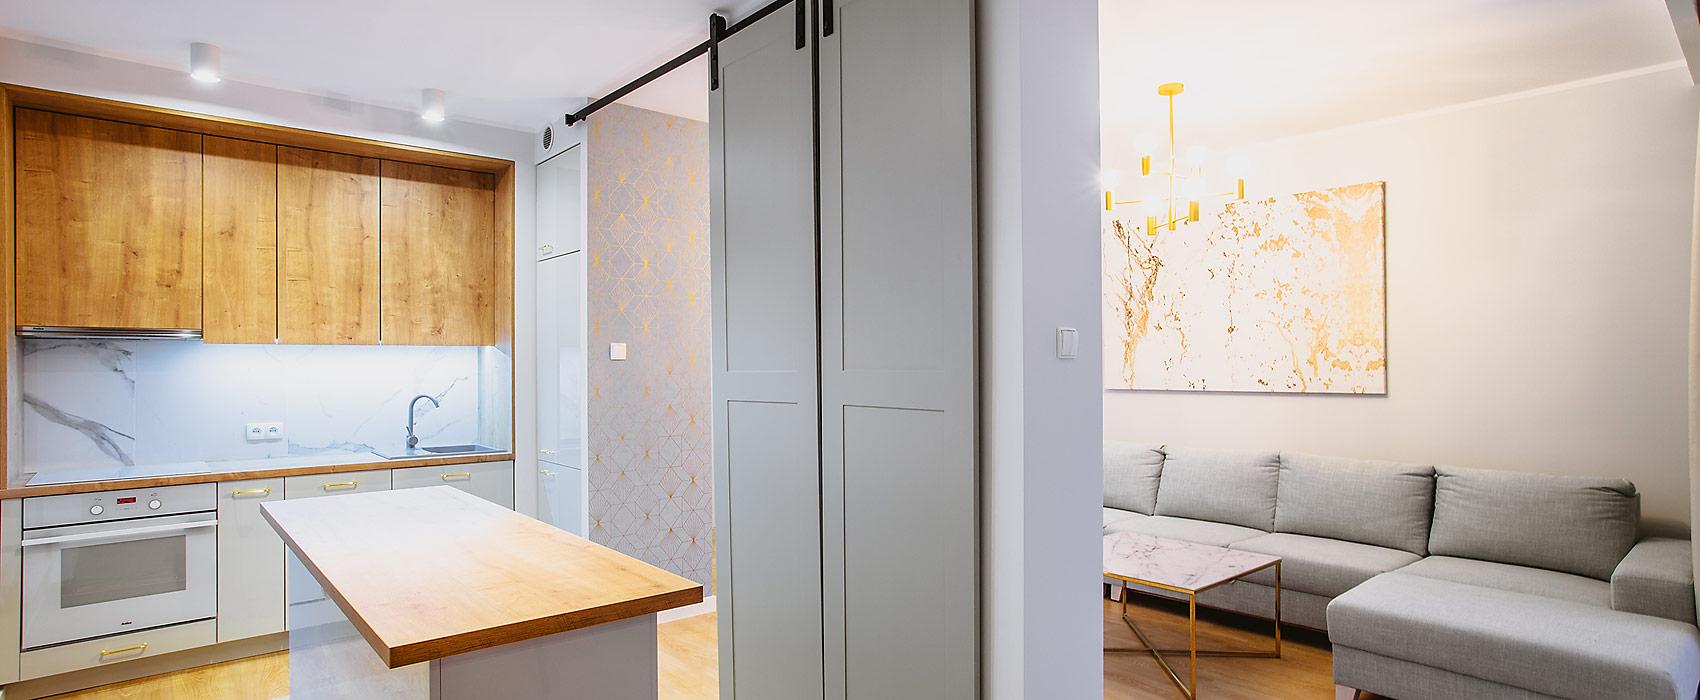 Nowe Mieszkania Na Sprzedaz Na Osiedlu Start Gdansk Kokoszki Inpro